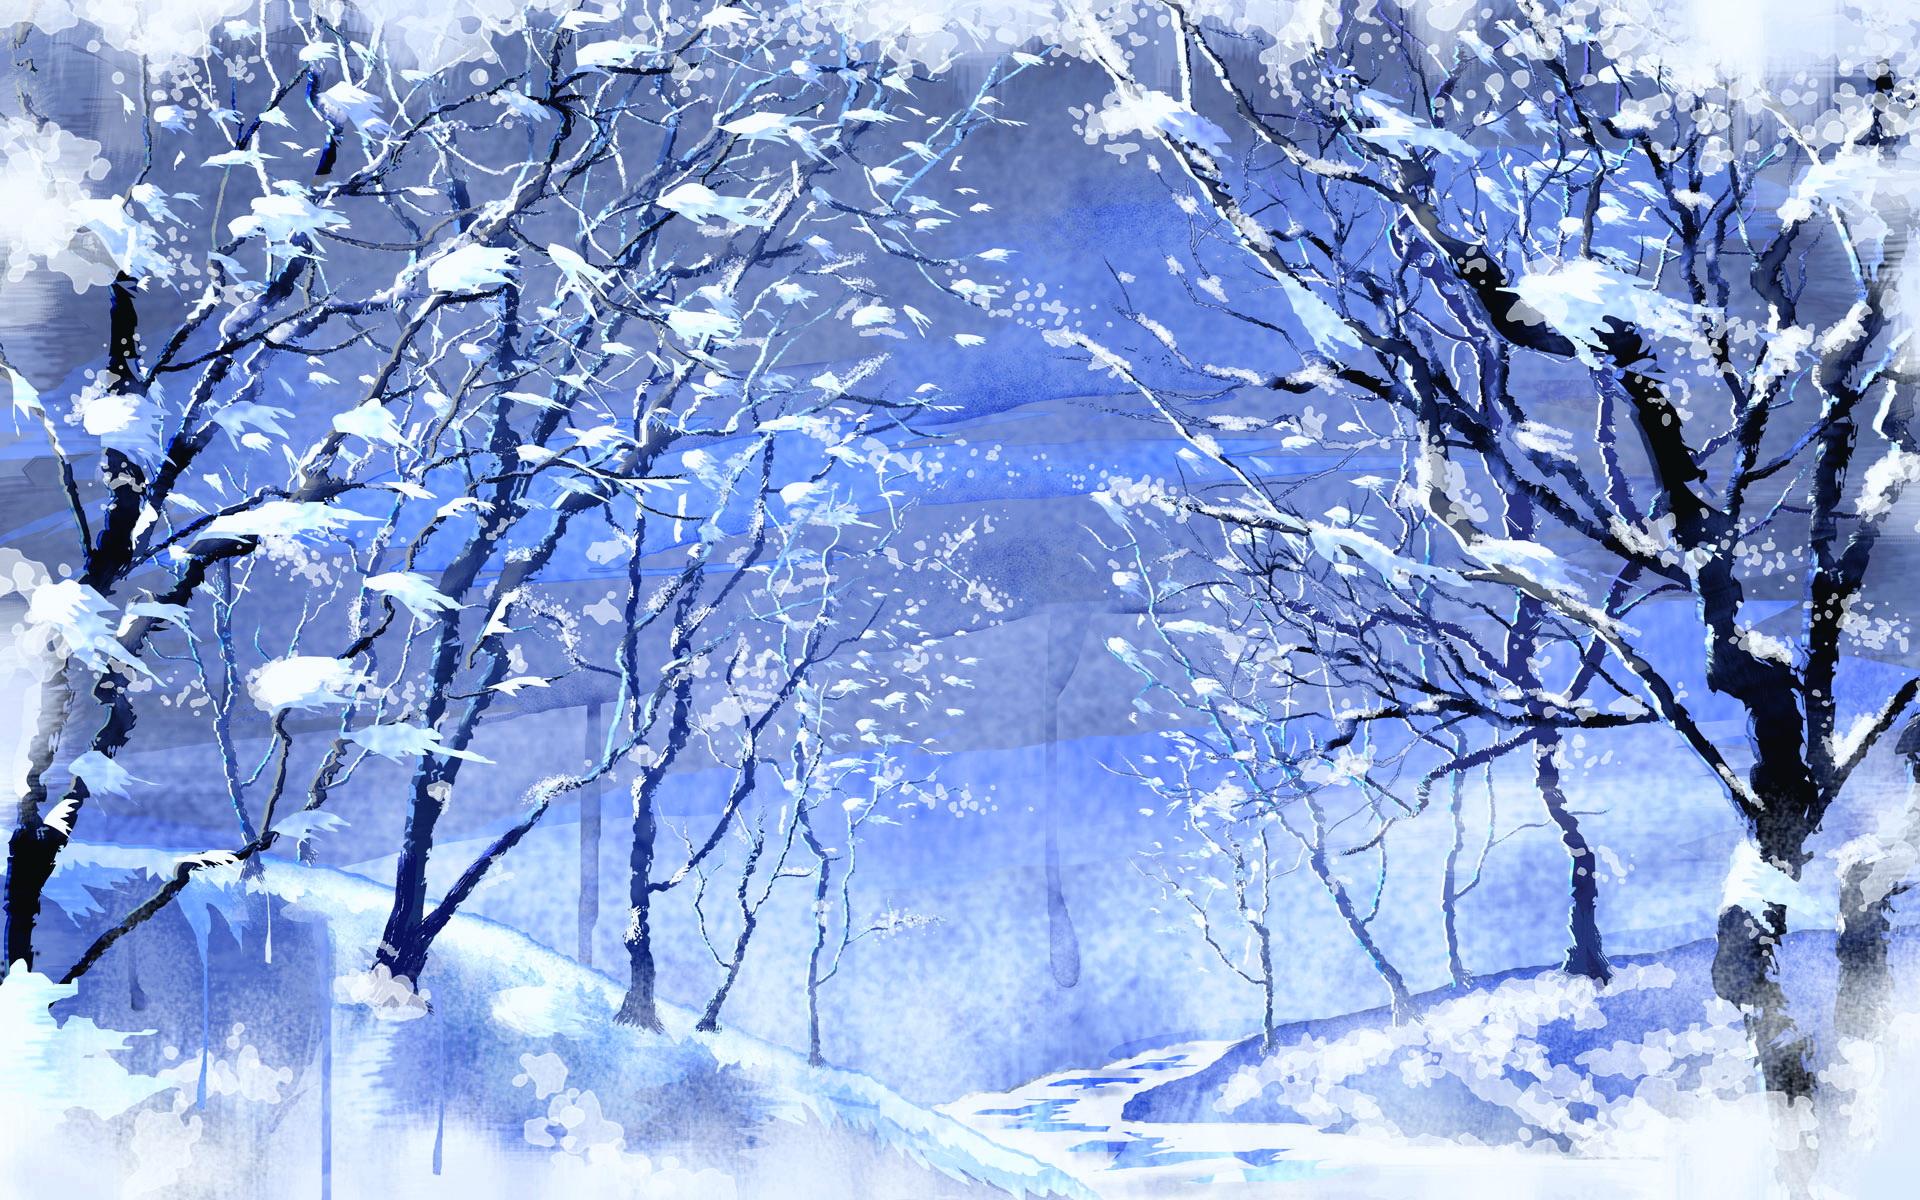 Красивые картинки зимы на рабочий стол в хорошем качестве (16)